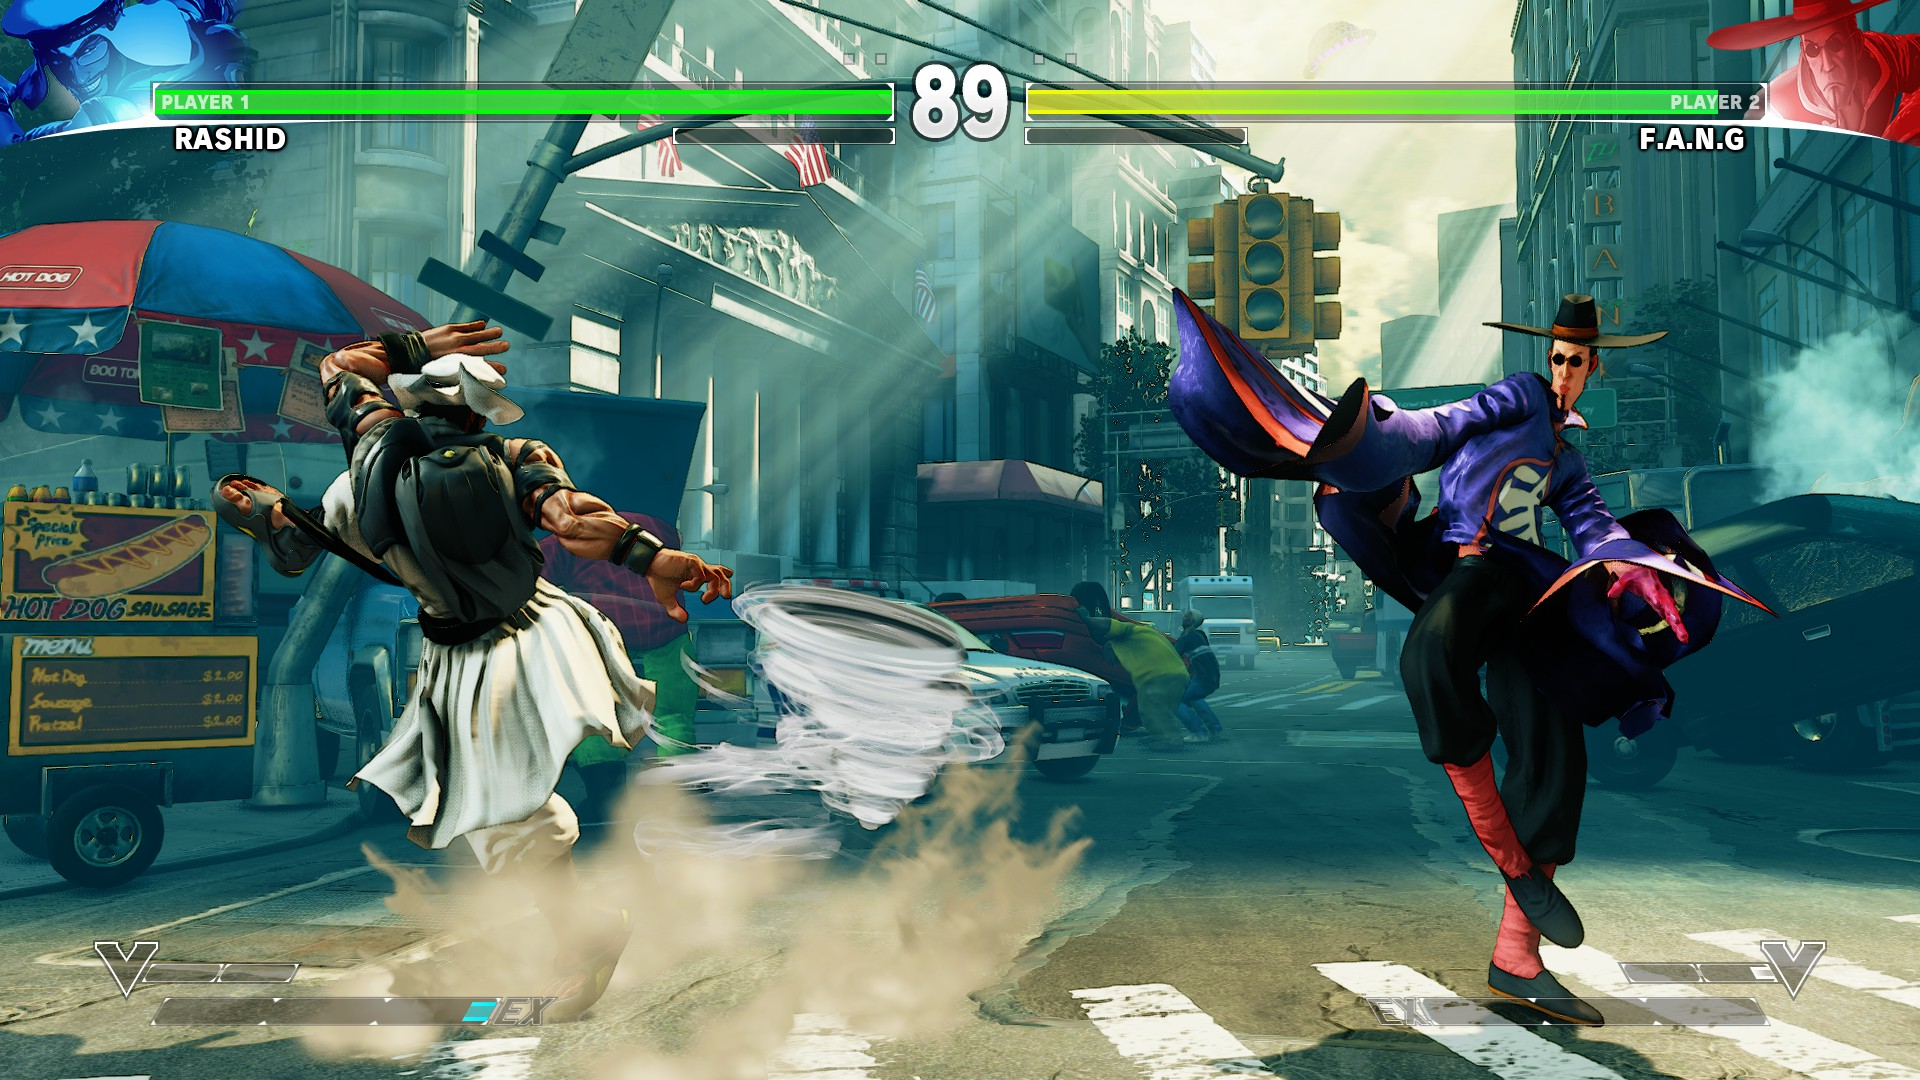 Street Fighter V Rashid vs fang